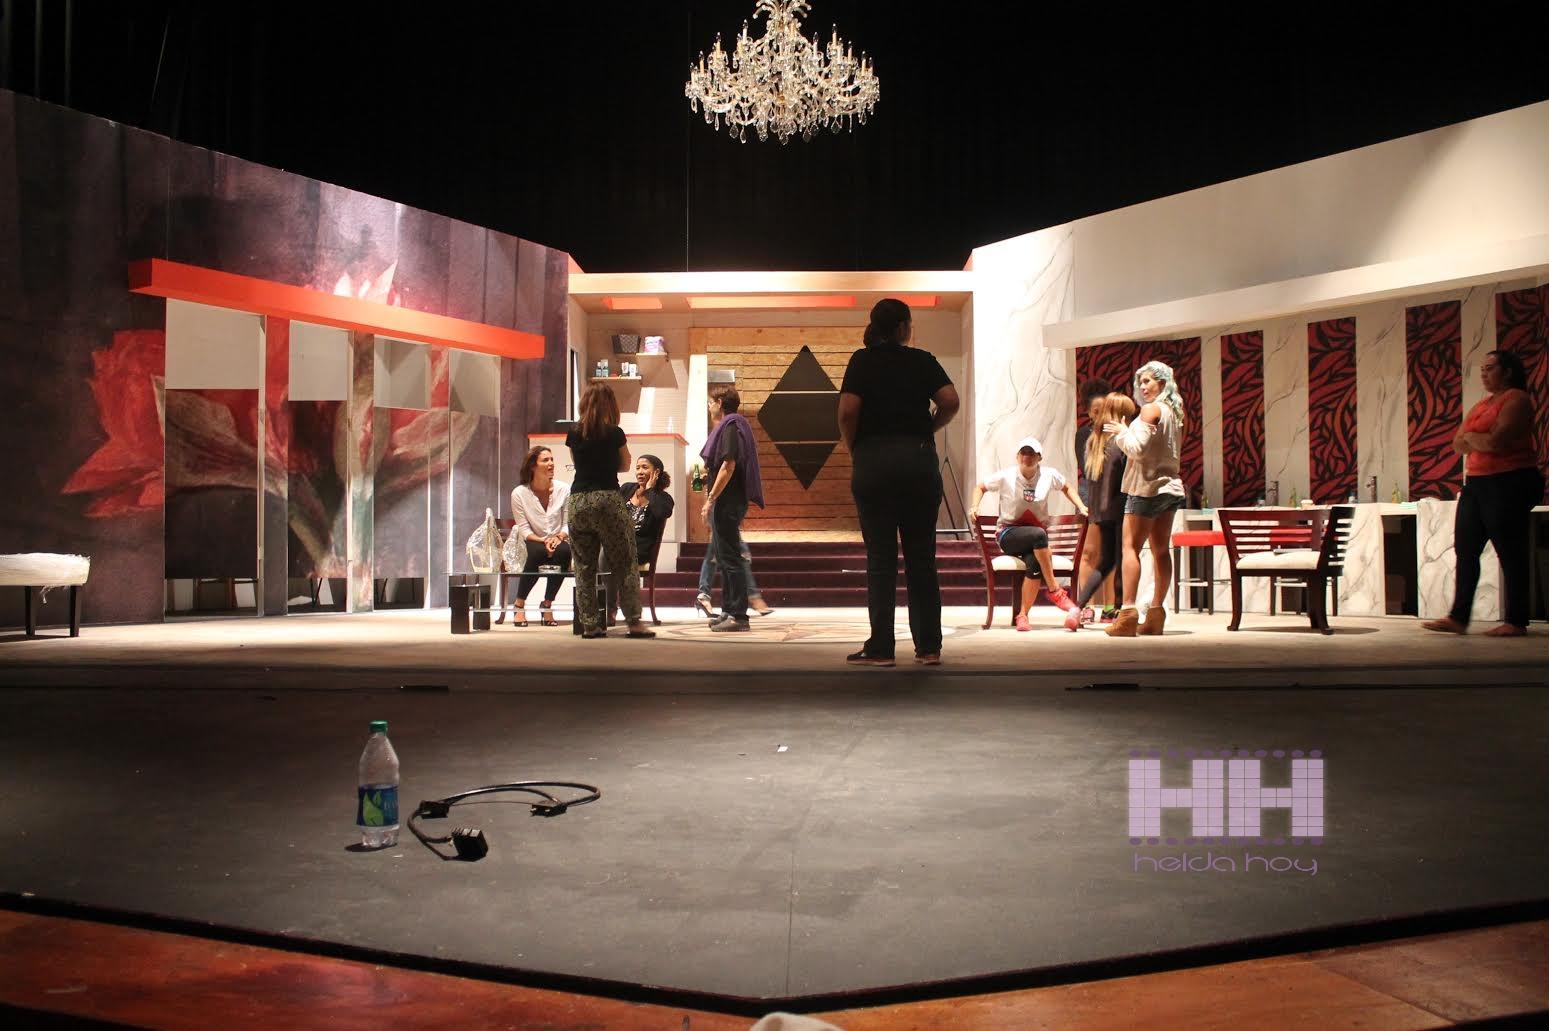 Baño Turco Obra De Teatro:Mujeres En El Baño Obra De Teatro En Benito Juárez Pictures to pin